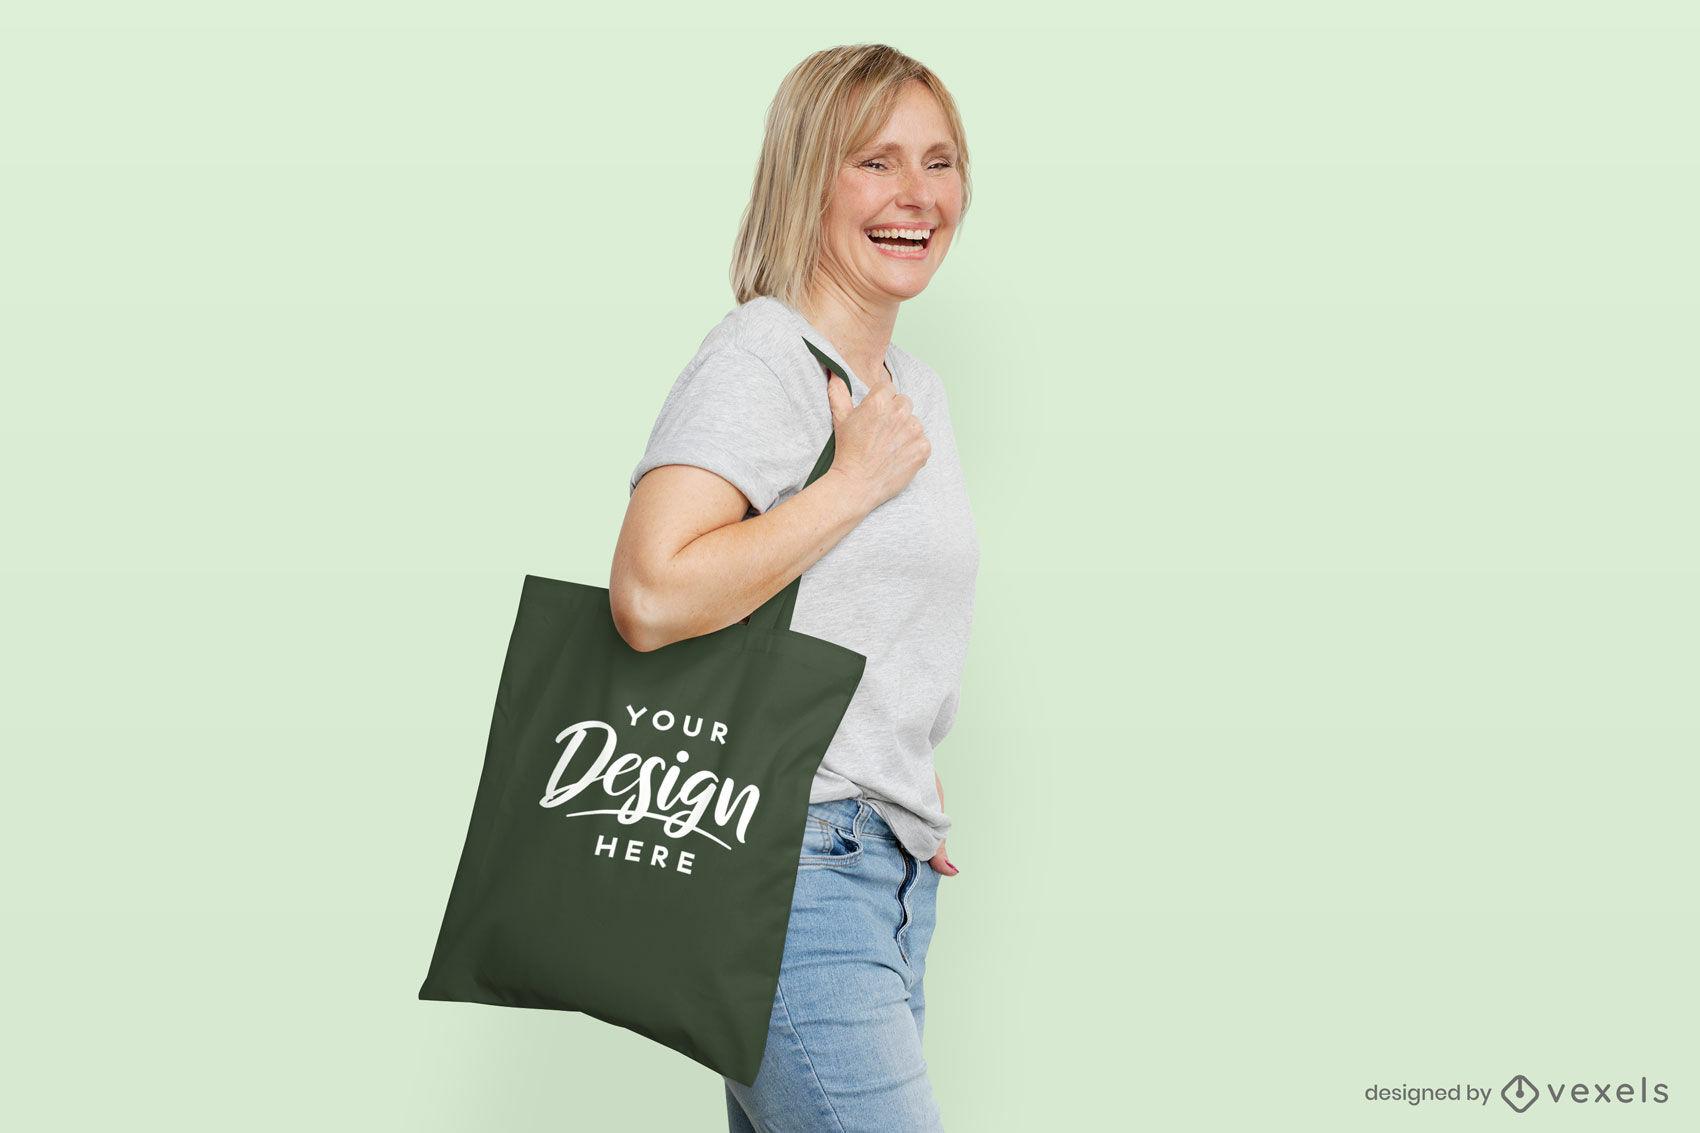 Maquete de bolsa feminina em fundo plano